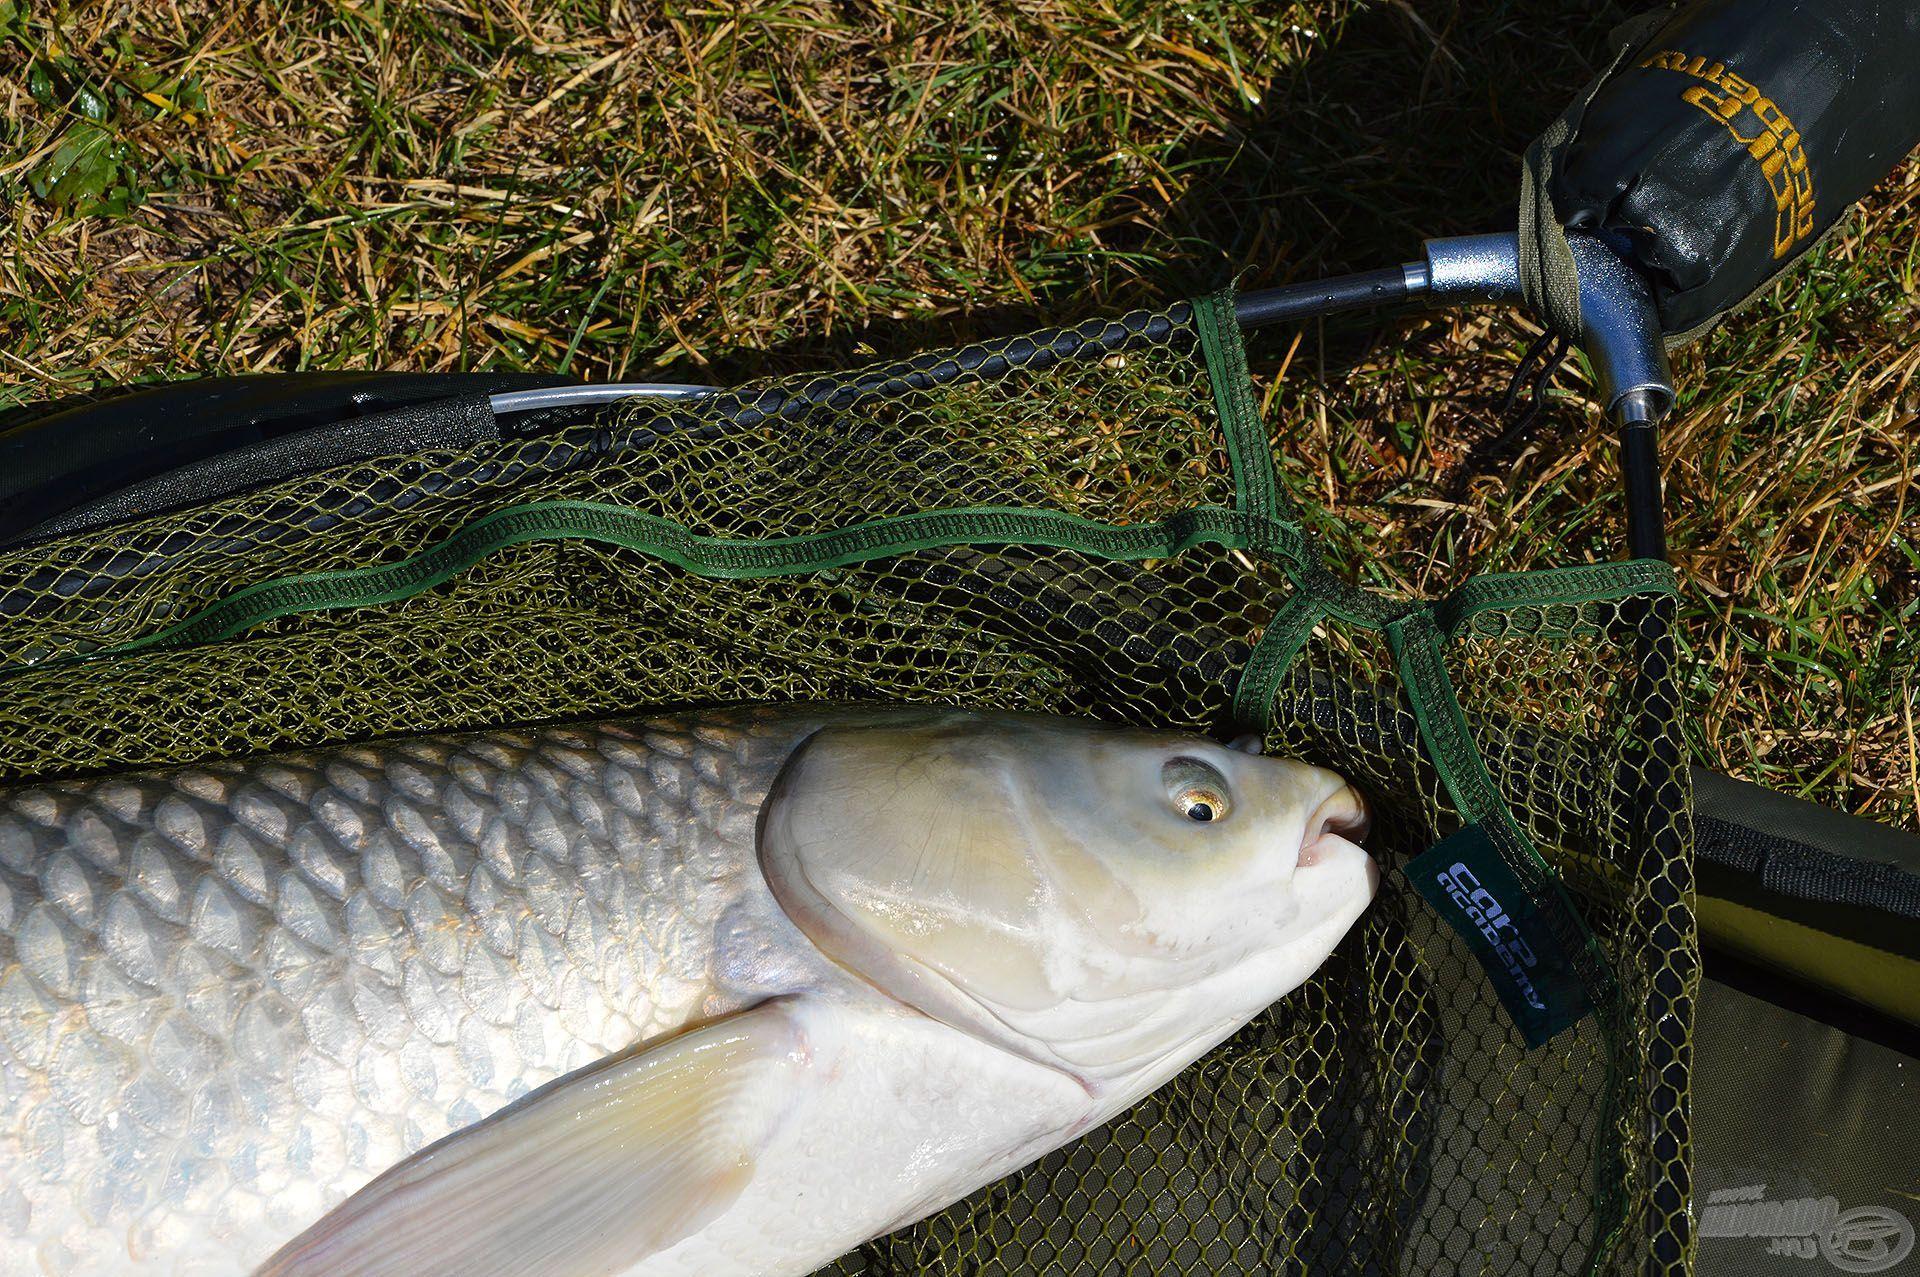 A Carp Academy Gumírozott merítő fej tökéletes választás nagyhalas horgászathoz